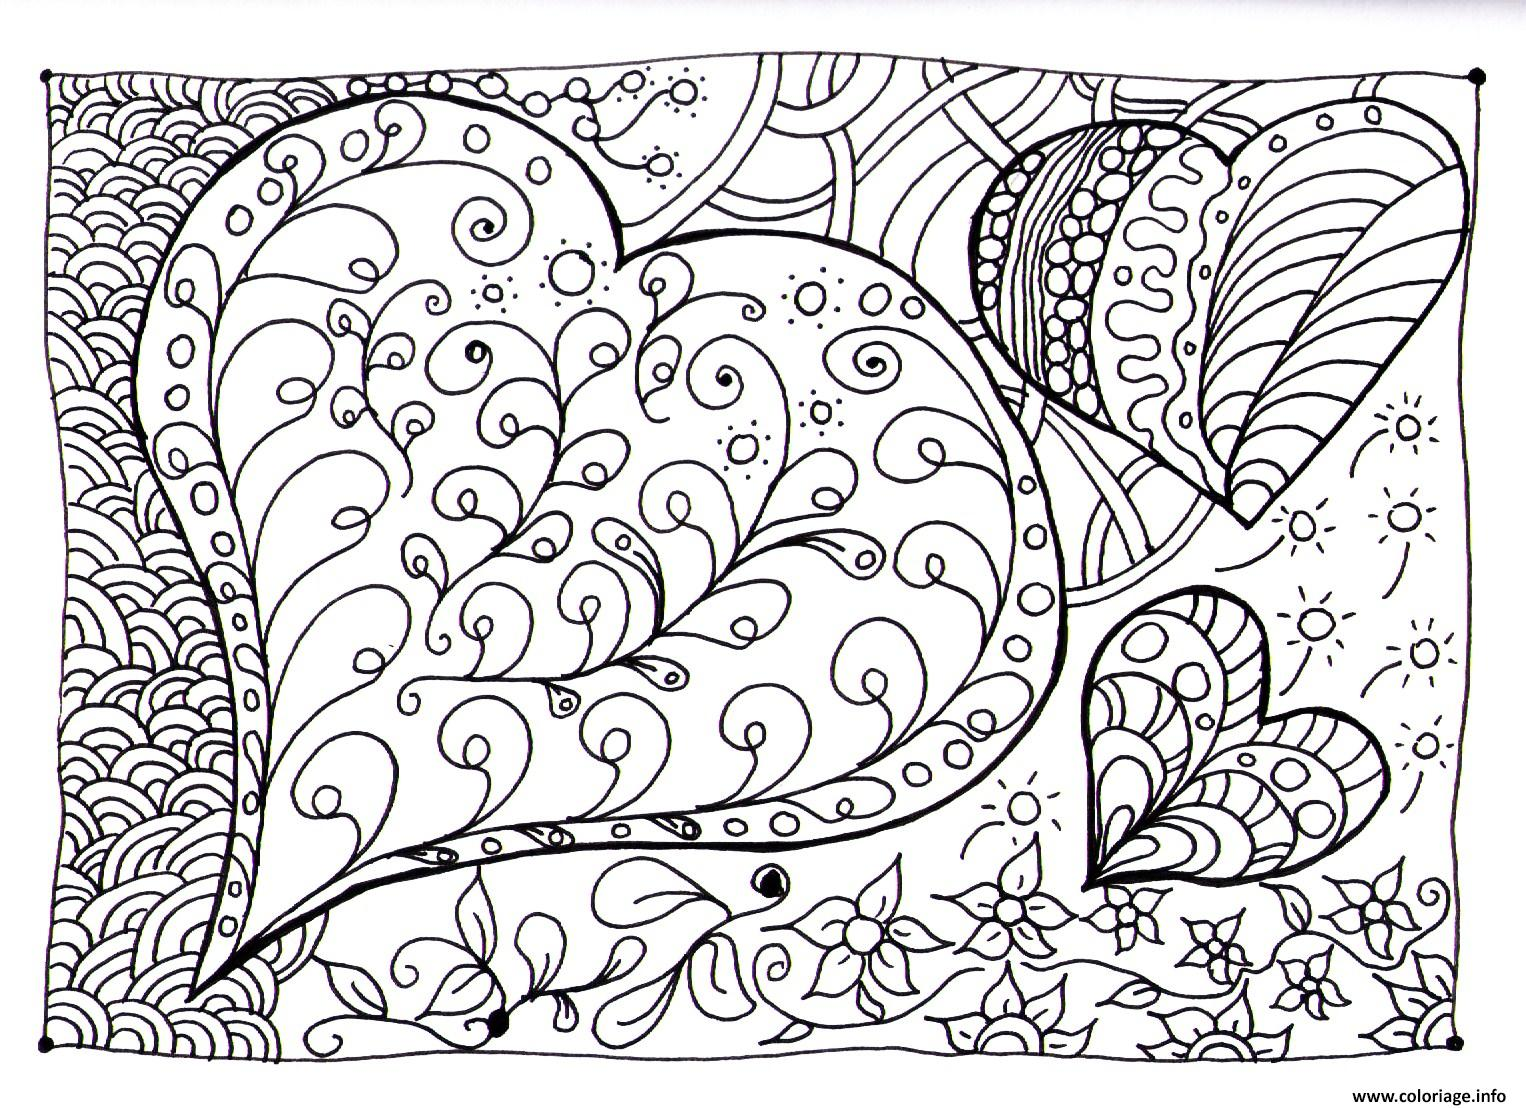 Coloriage Magique Coeur A Imprimer.Coloriage Magique Coeur Mjcfj Val Bonne